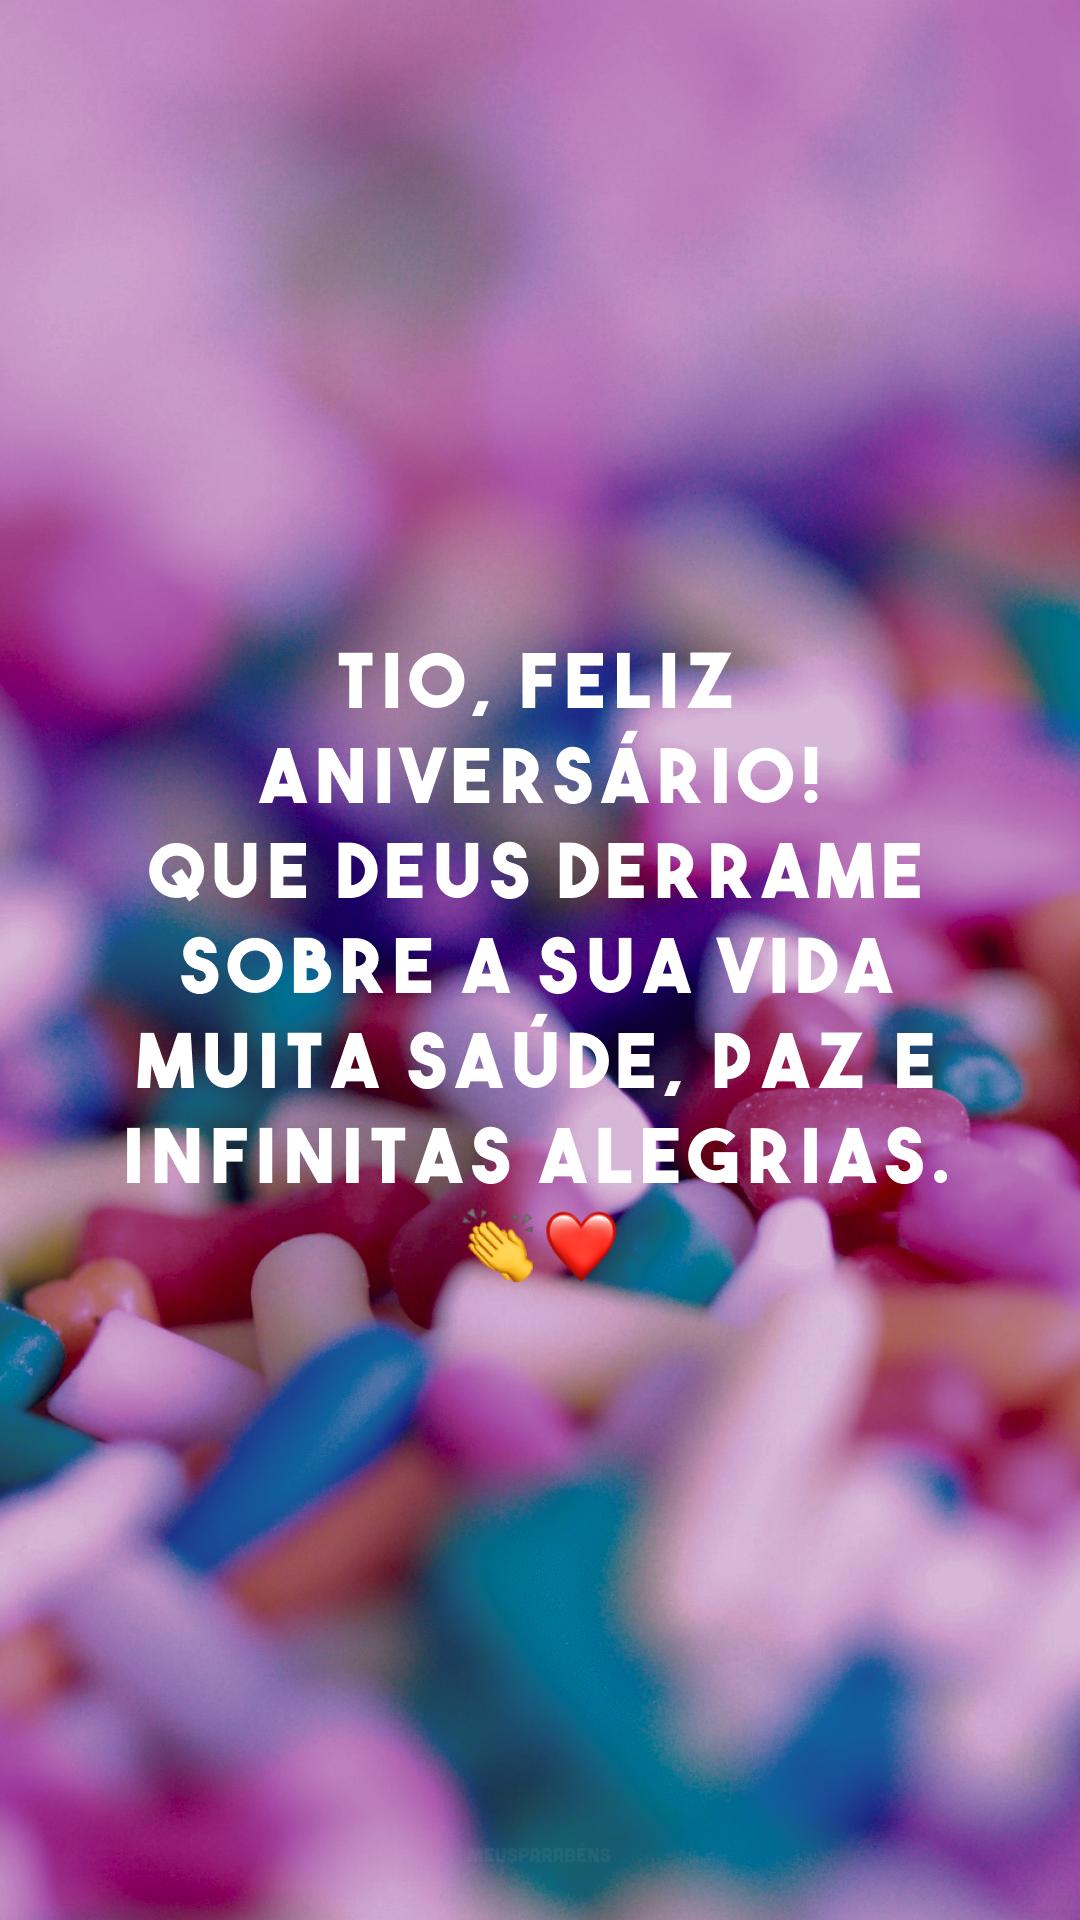 Tio, feliz aniversário! Que Deus derrame sobre a sua vida muita saúde, paz e infinitas alegrias. ?❤